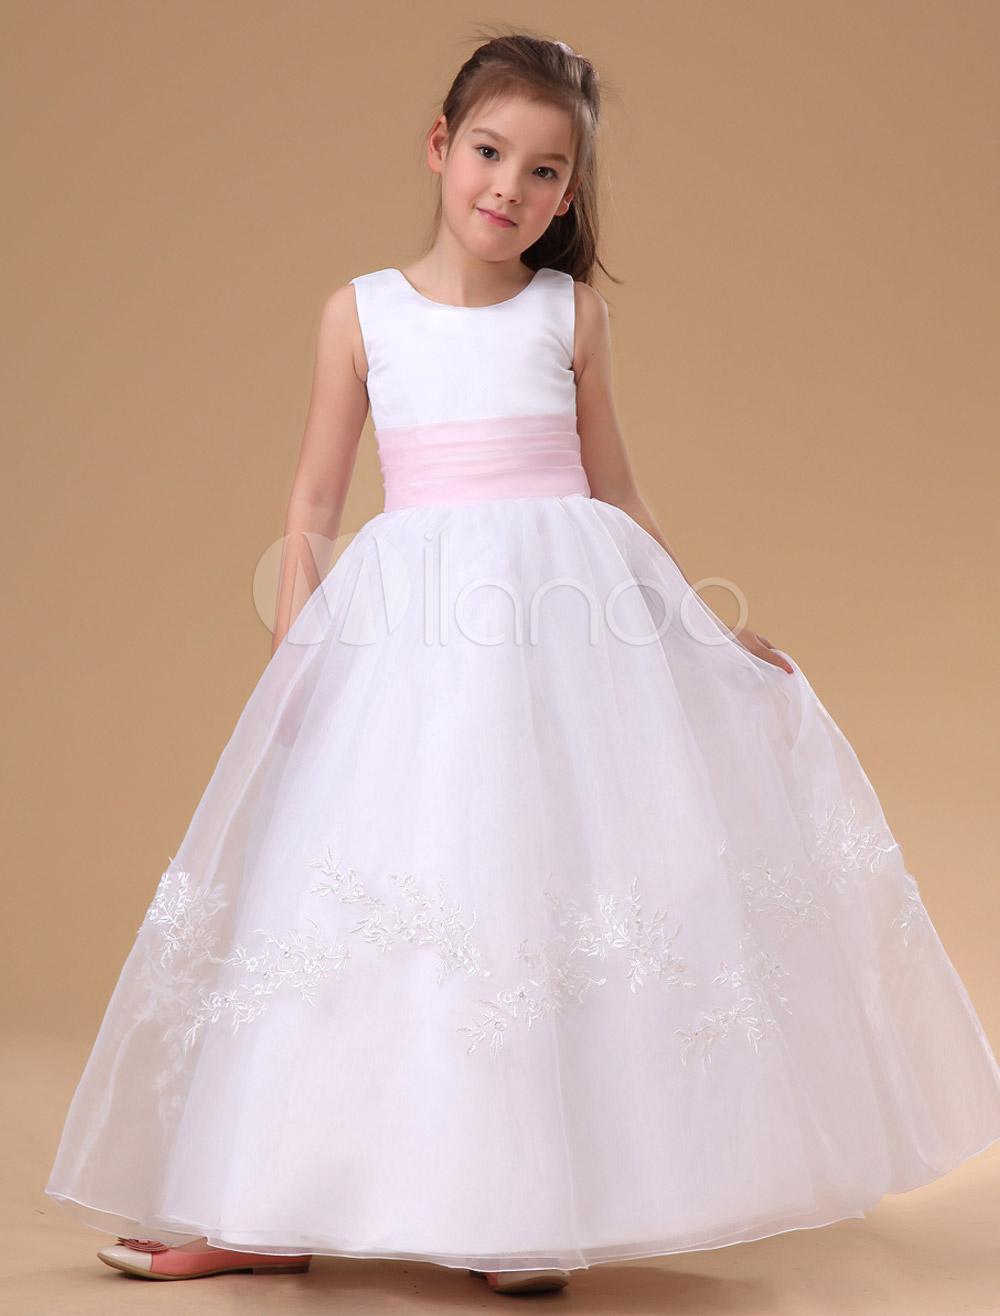 07d7cb1766 Vestidos de Floristas blancos Apliques de encaje Vestido de fiesta para  niñas Fajín rosa Vestido sin mangas plisado Vestido de primera comunión de  la ...